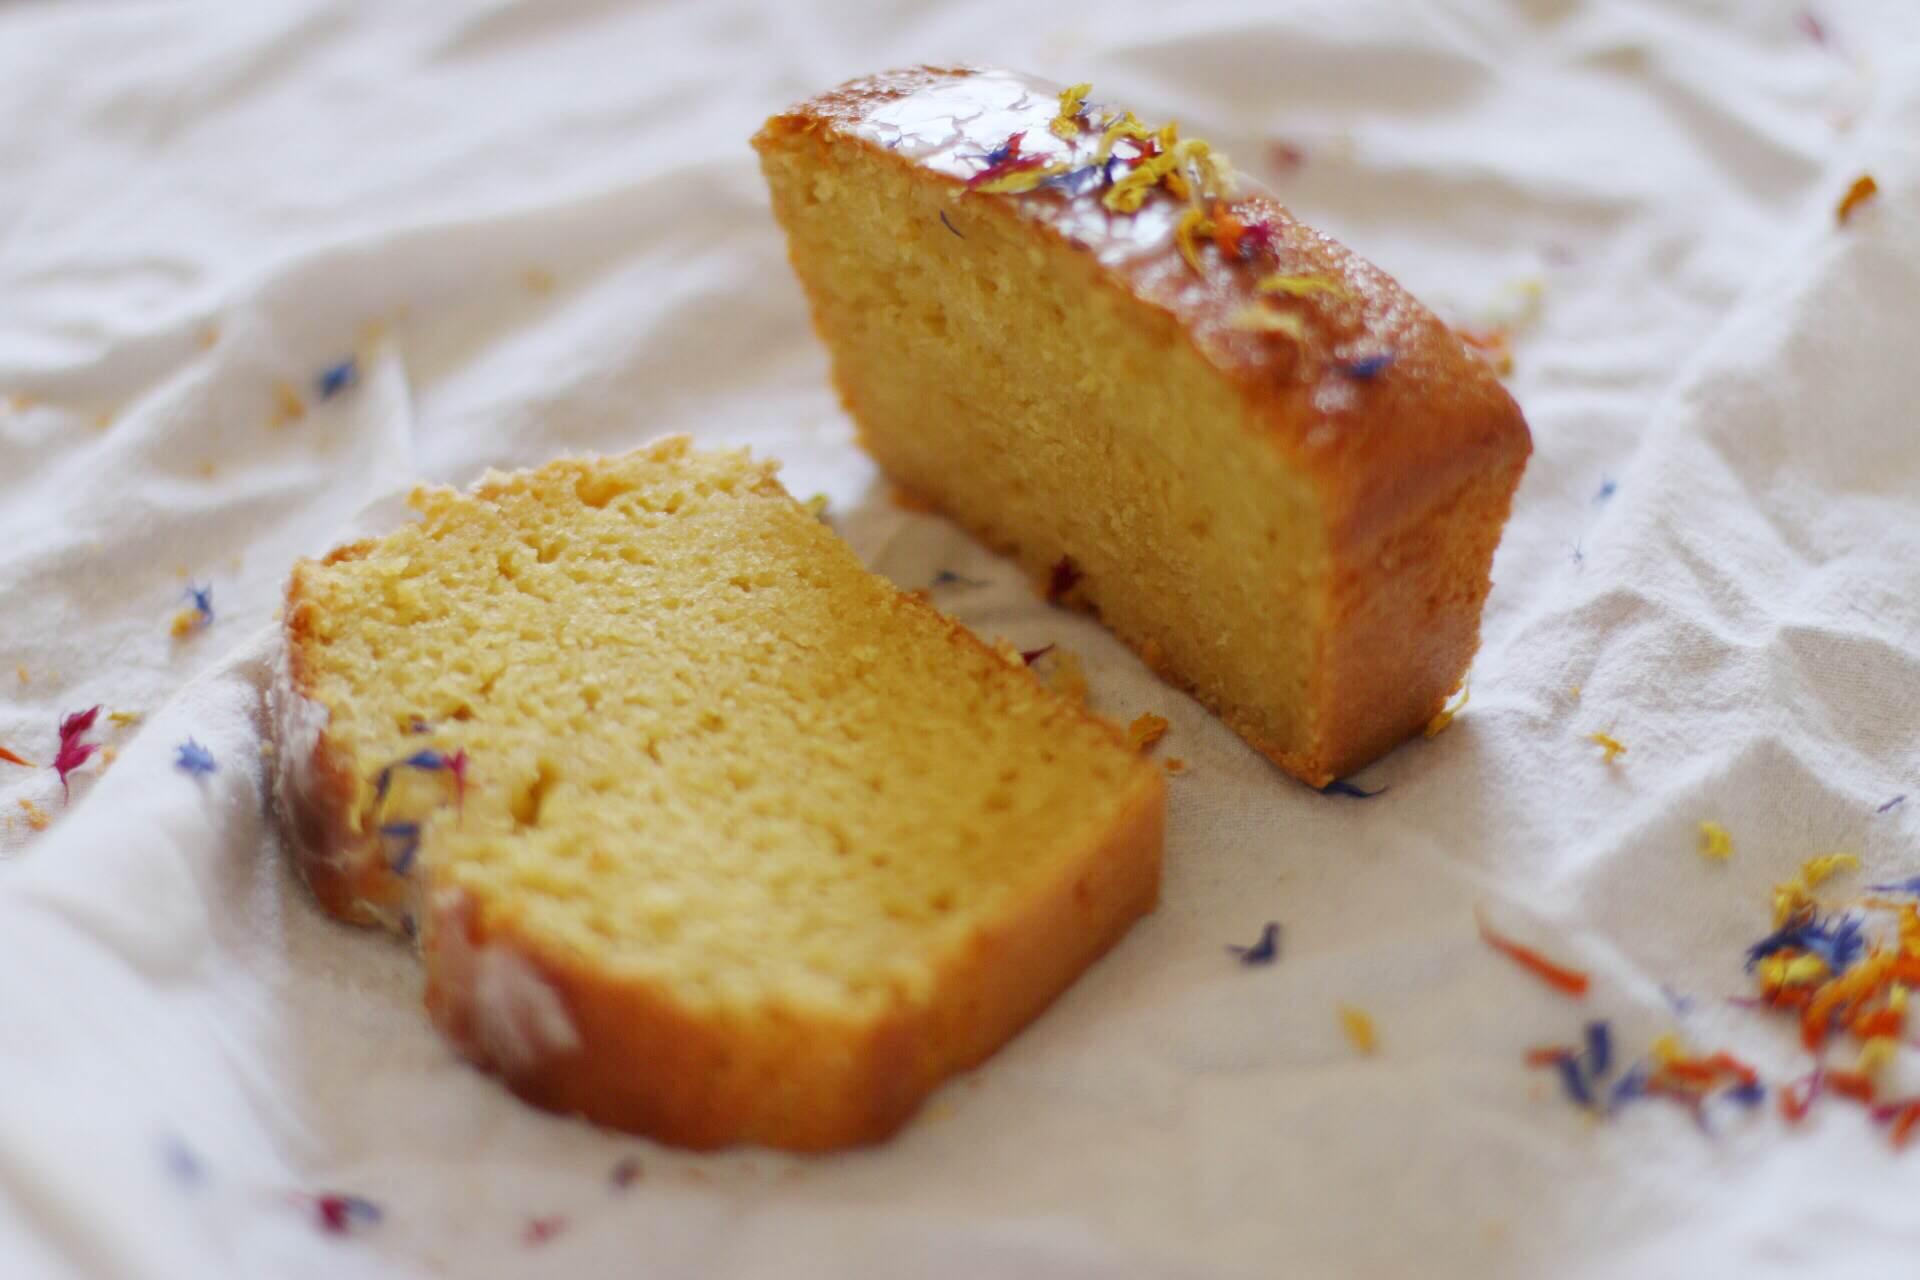 lemon loaf with flower garnish